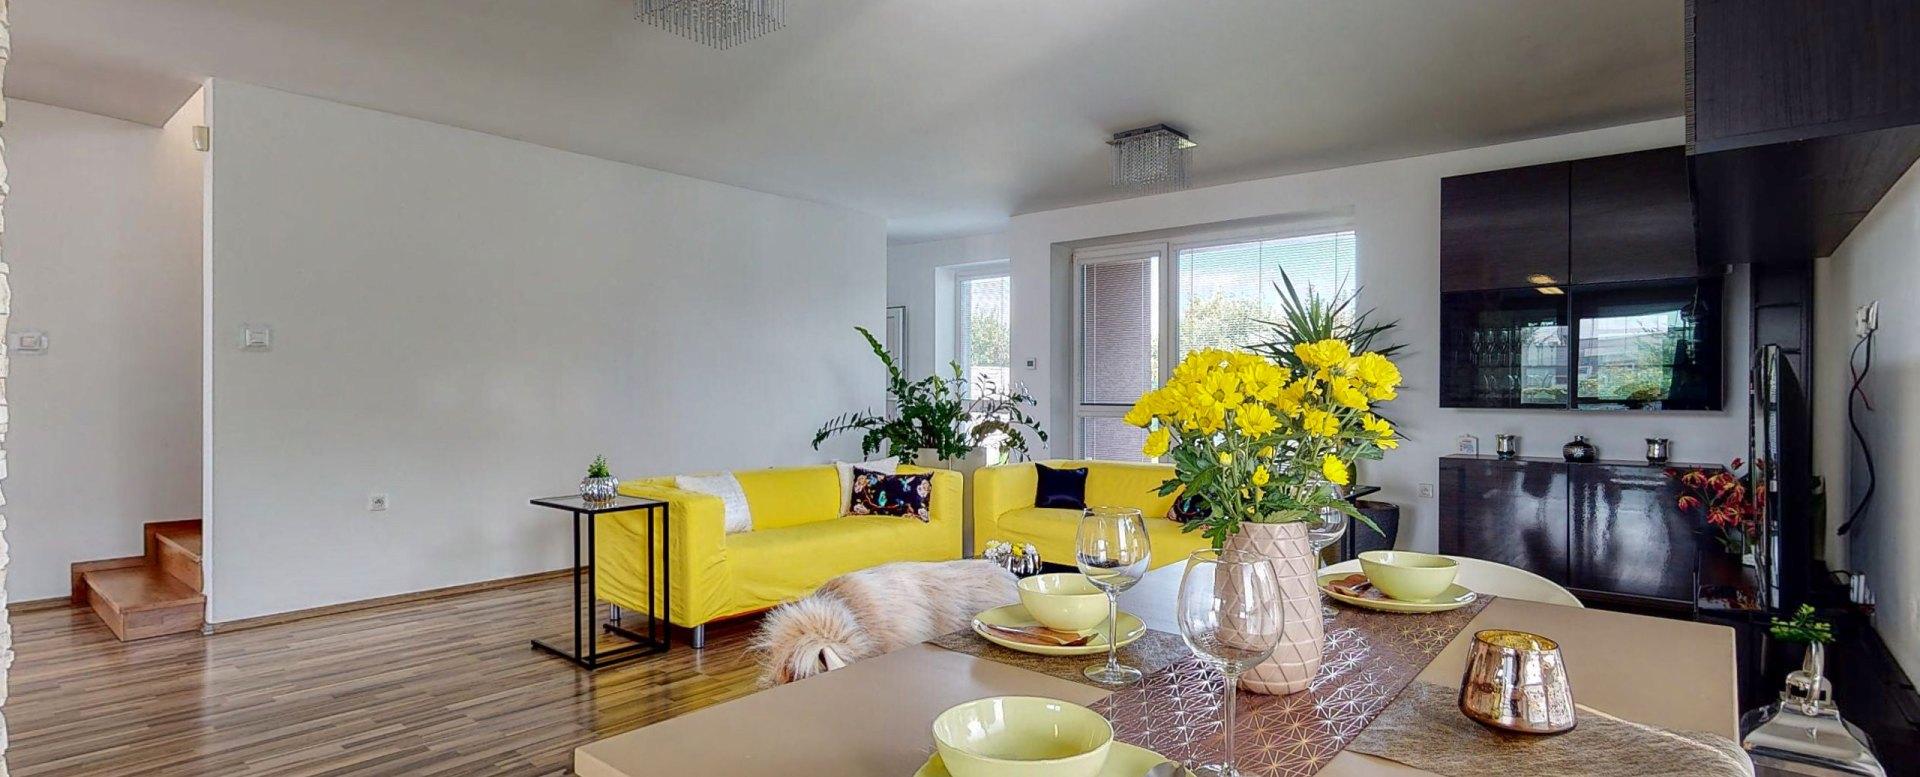 Pohľad na jedálensky stôl a obývaciu izbu